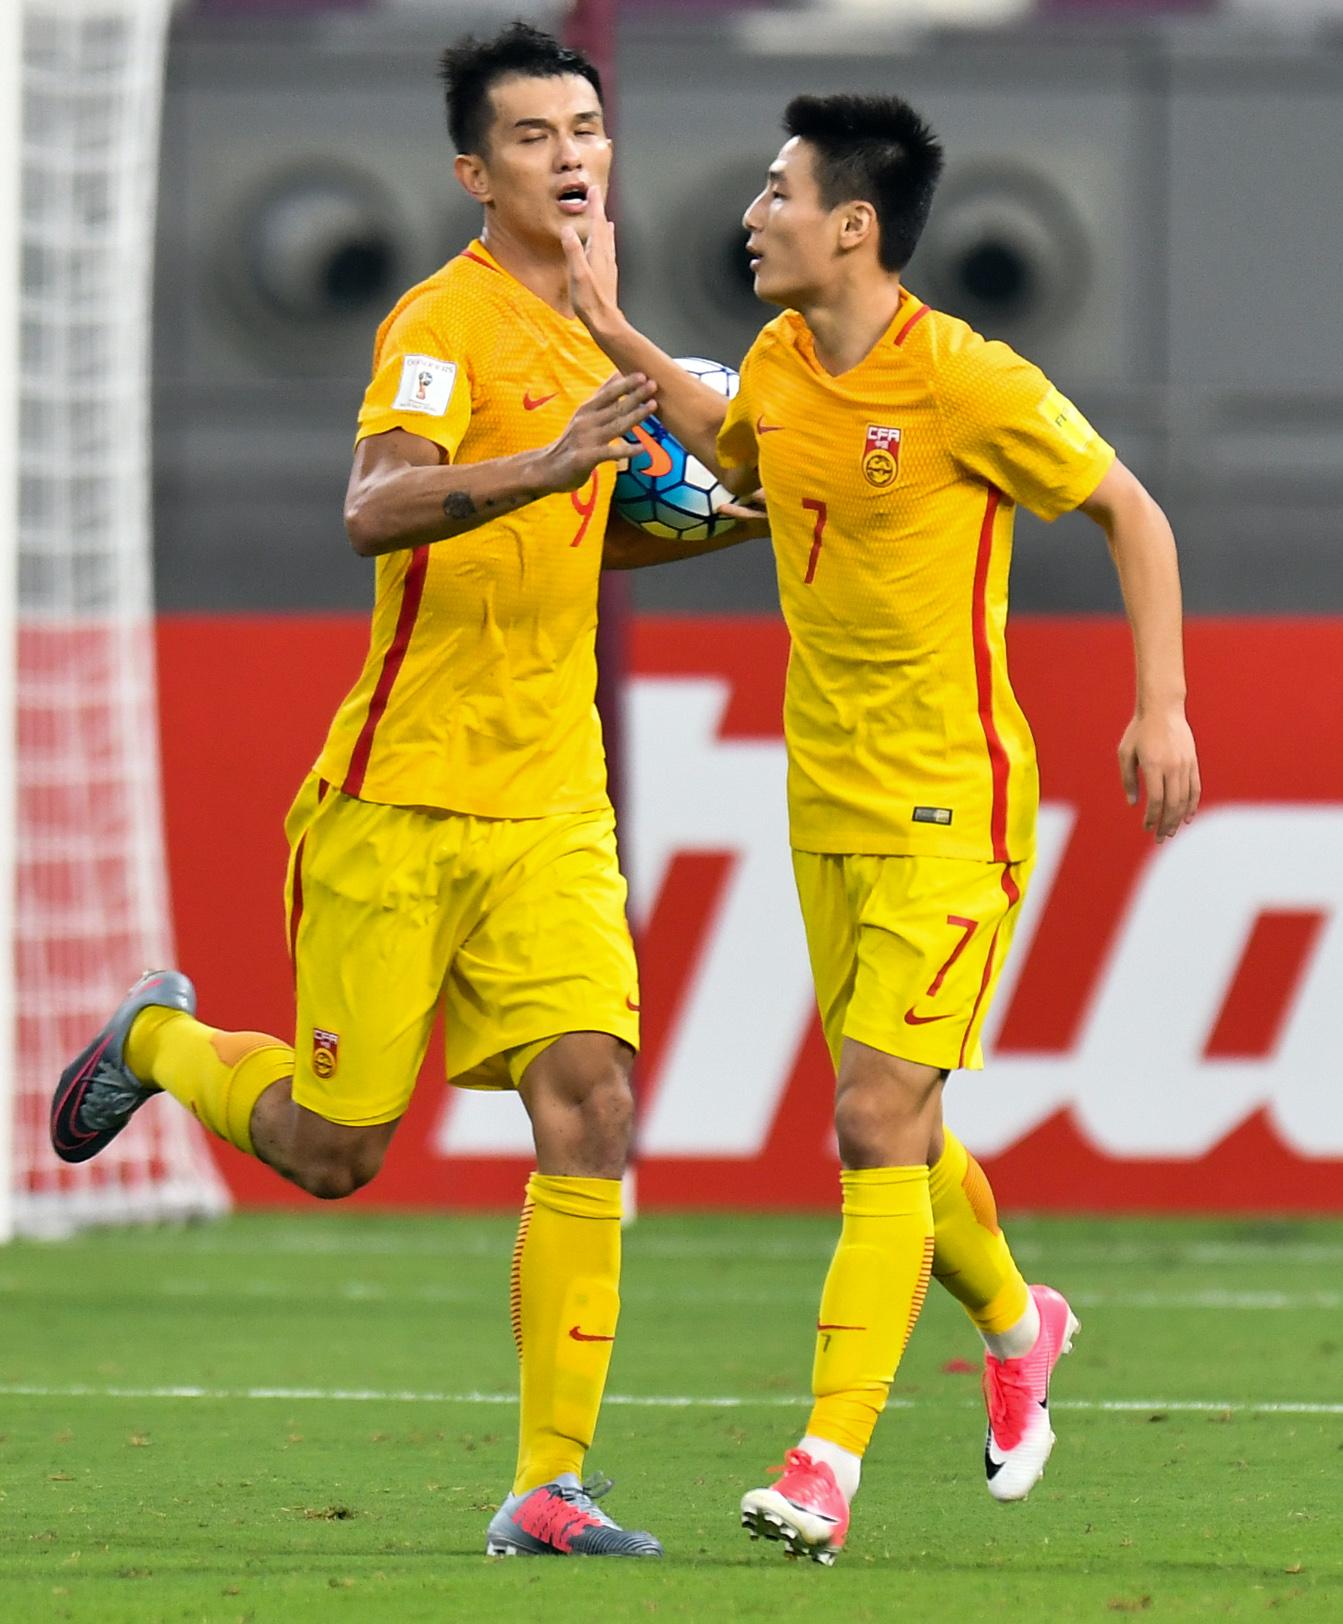 中國隊球員武磊(右)進球後與隊友肖智慶祝。(新華社)